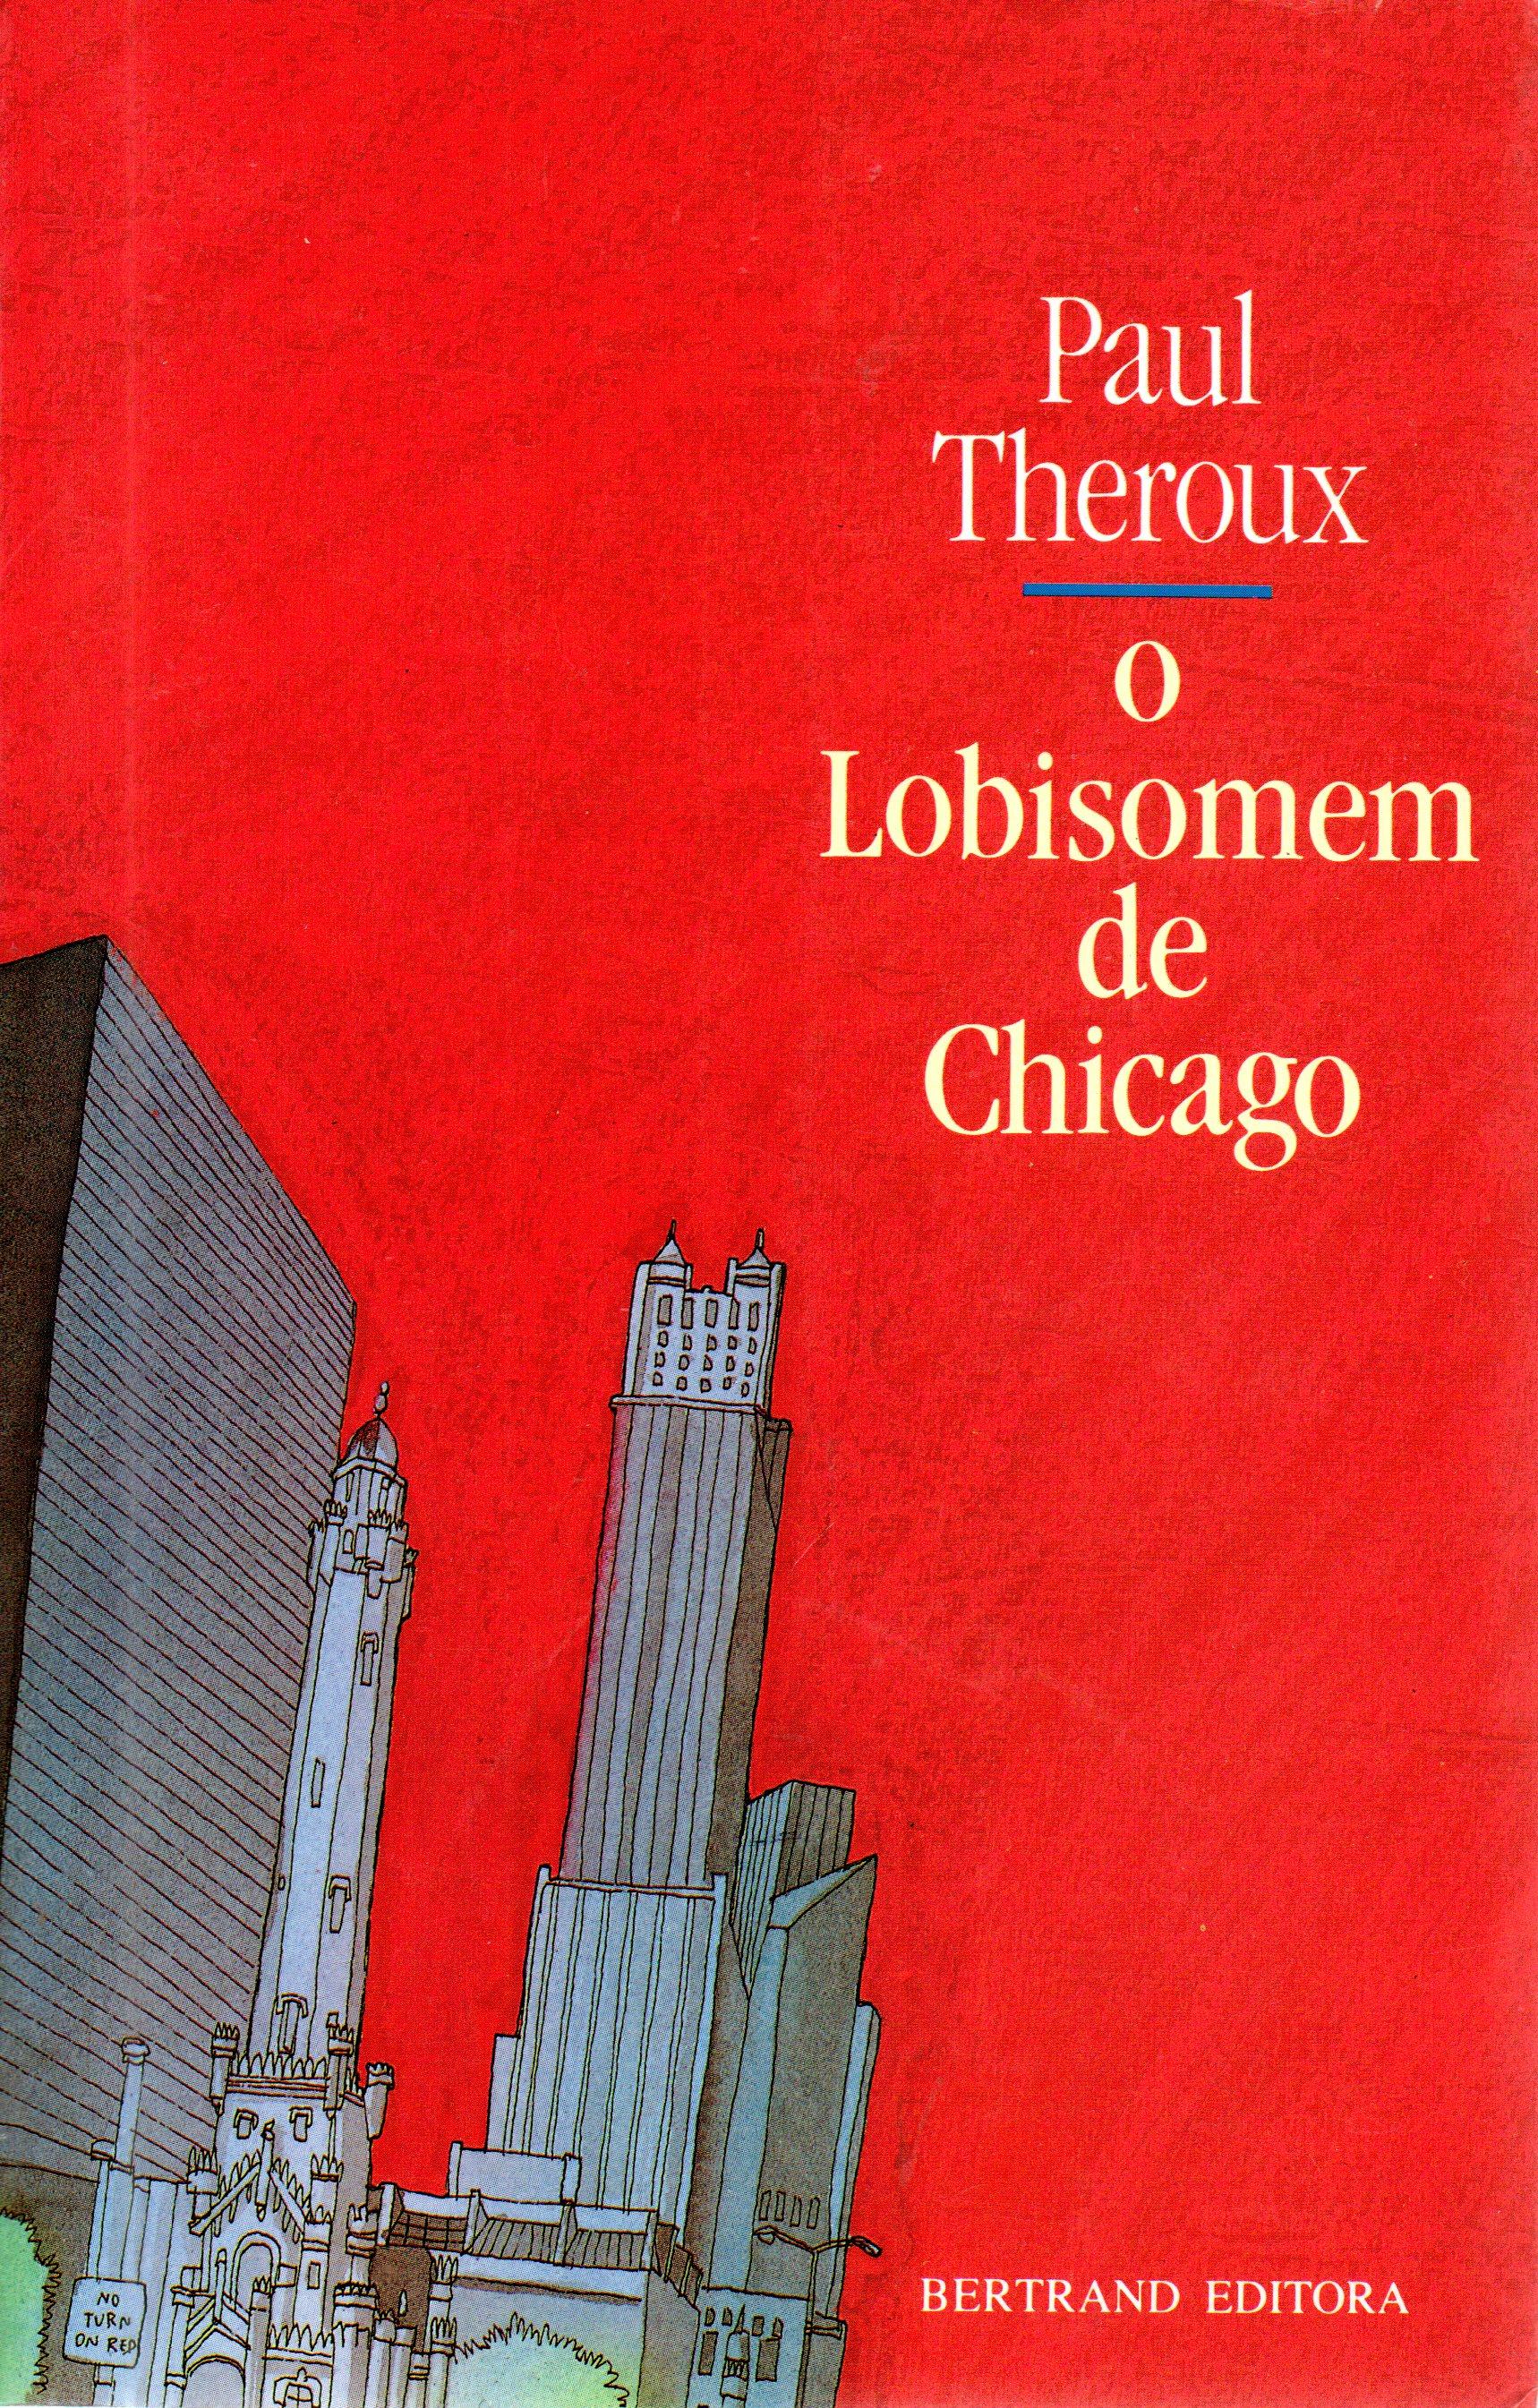 O Lobisomem de Chicago